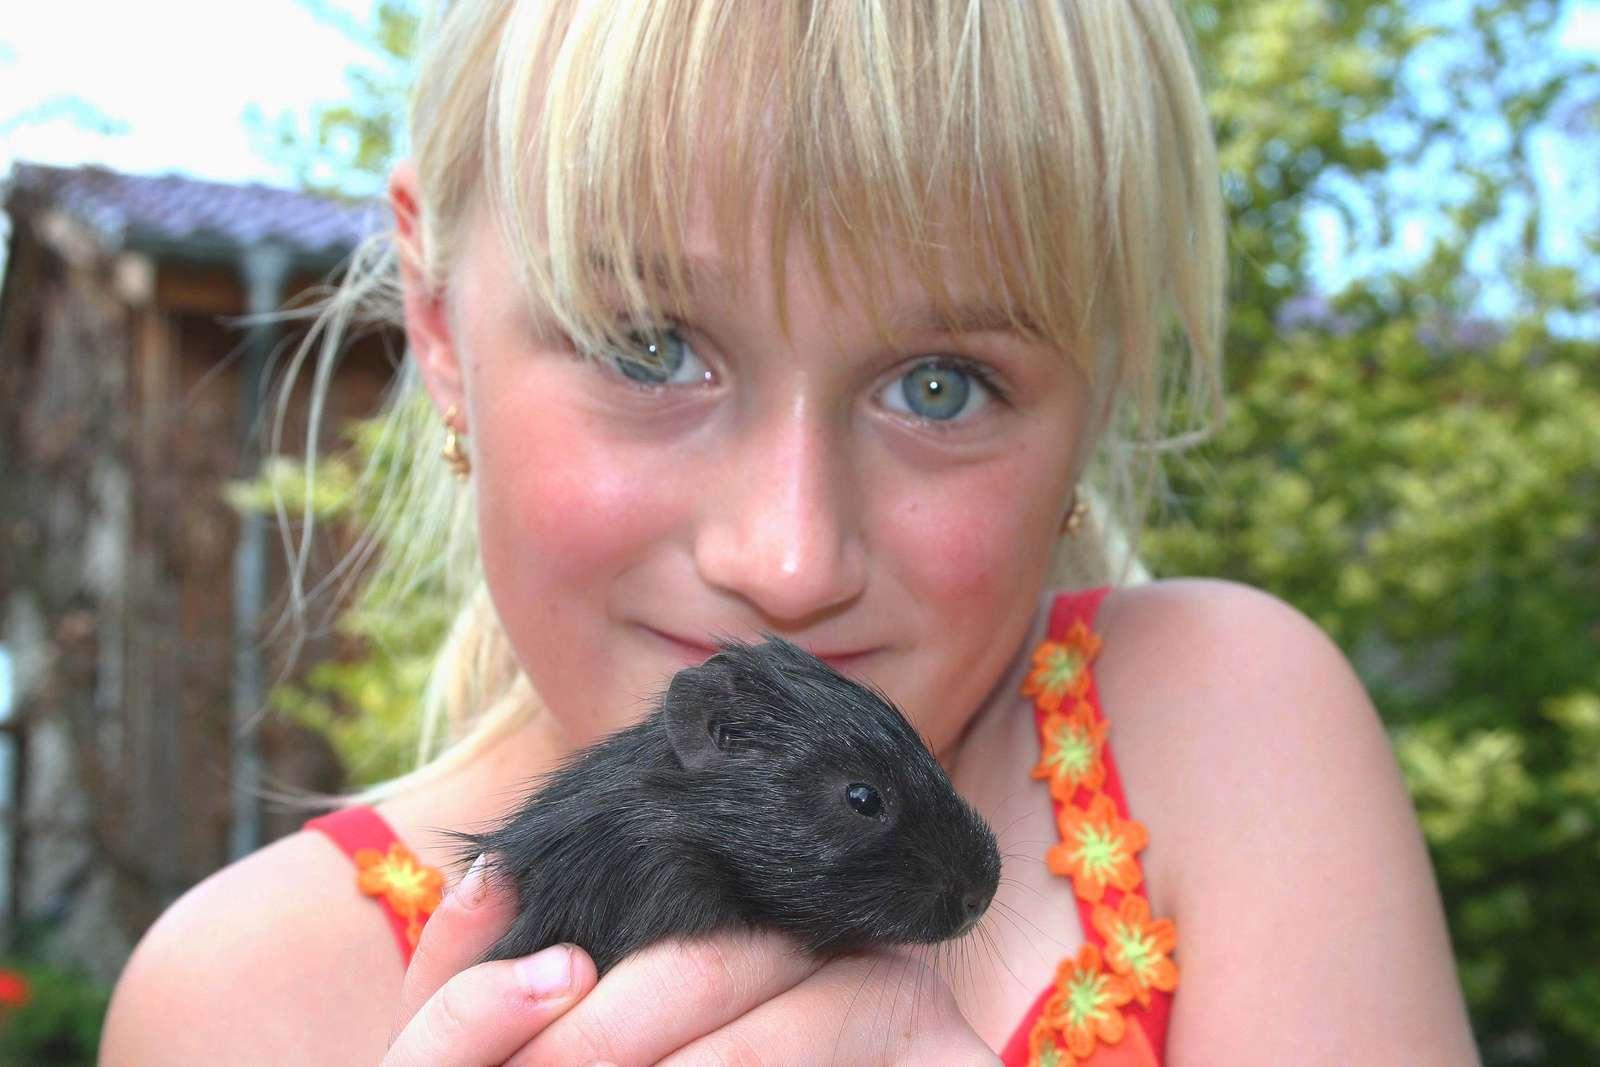 Pelziger Nachwuchs - Die kleine Tabea mit einem wenige Tage alten Wildmeerschweinchen - Bei den Wildmeerschweinchen wurden Vierlinge geboren. Obwohl erst wenige Tage alt, erkunden die Kleinen, von ihrer Mutter geführt, im Sauseschritt ihr Gehege.